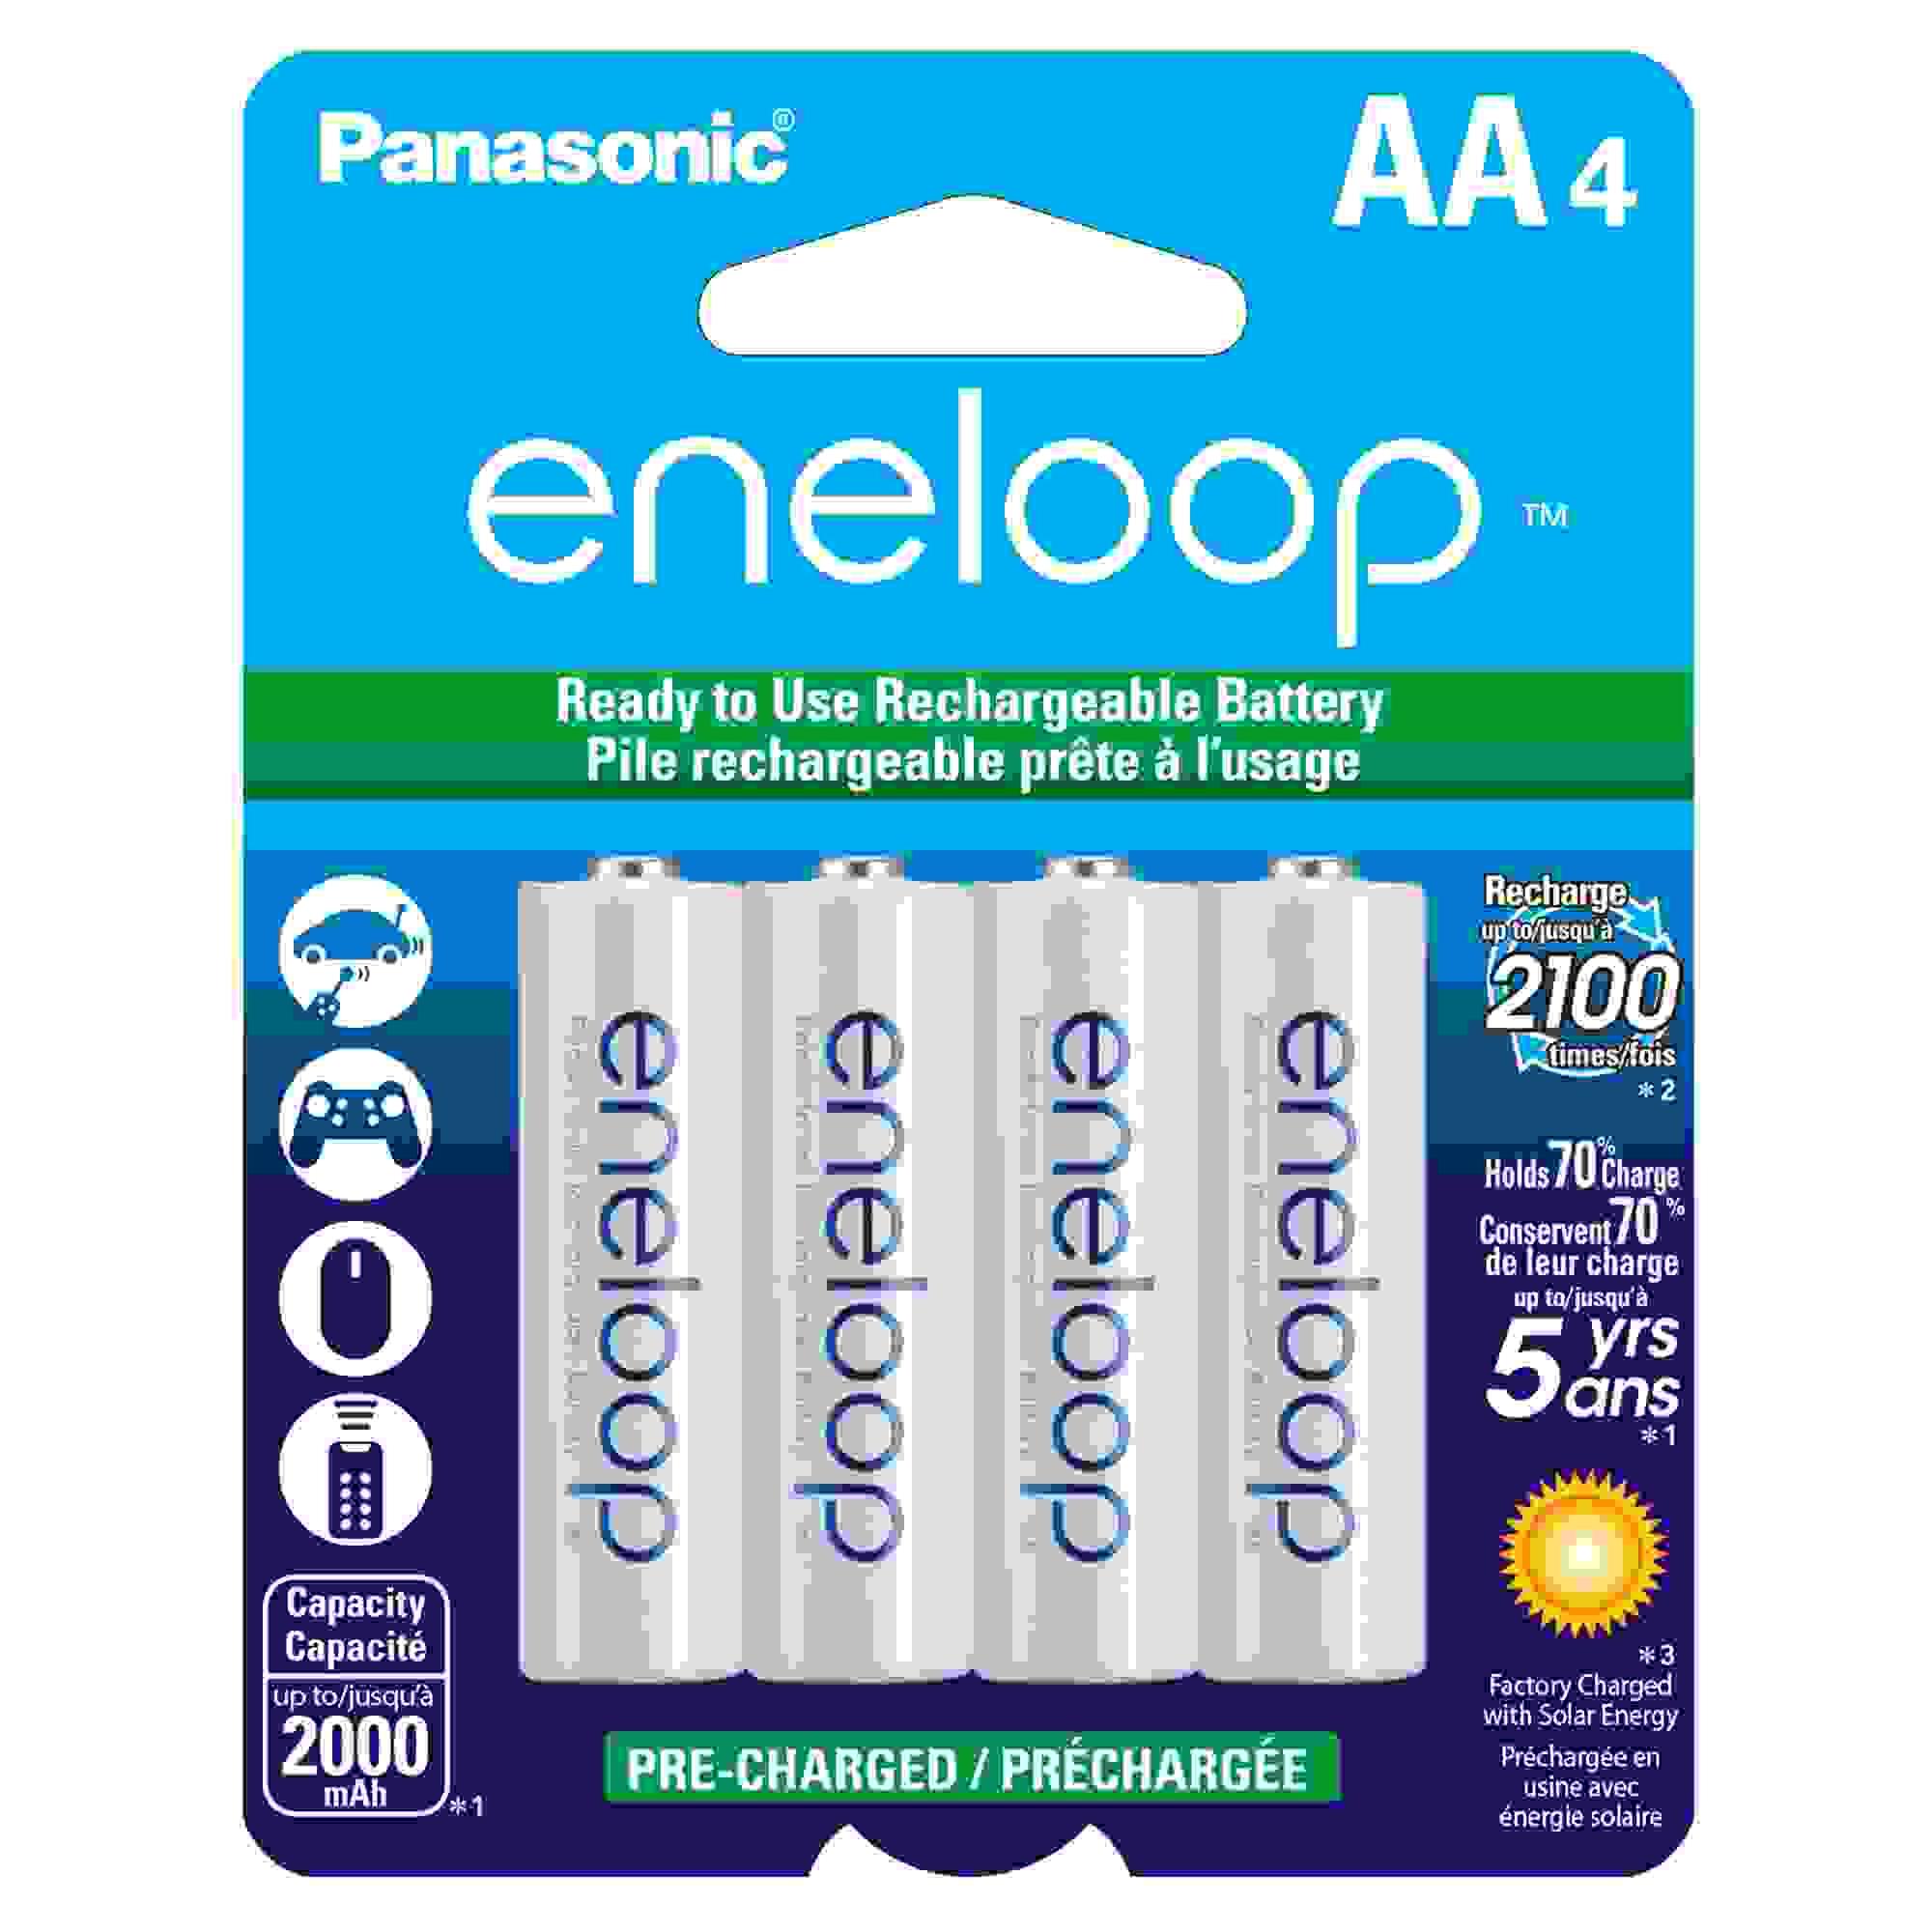 PANASONIC ENELOOP AA 4-PK 2000MAH 2100X